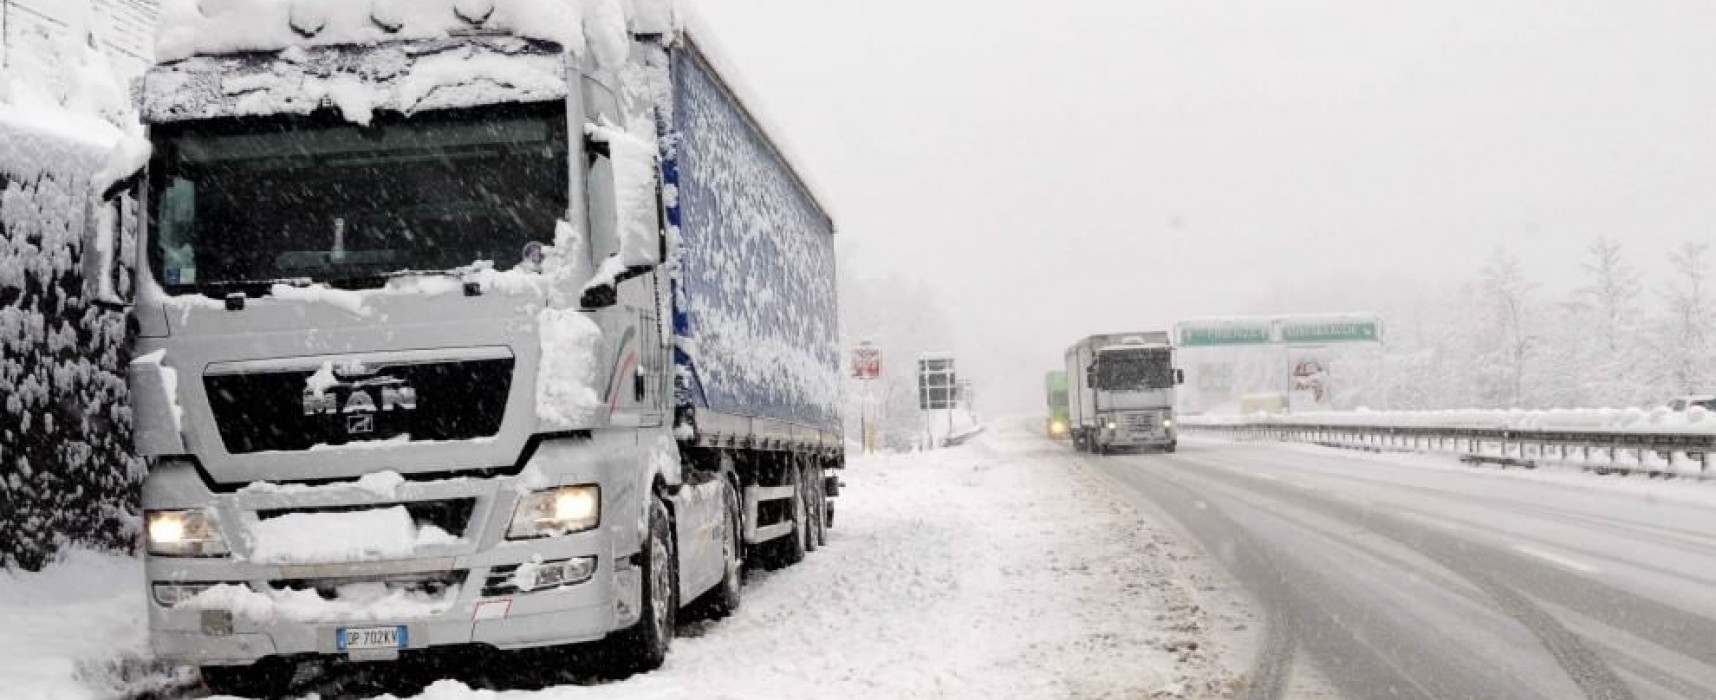 Revocata la limitazione al traffico dei mezzi pesanti sulle strade provinciali